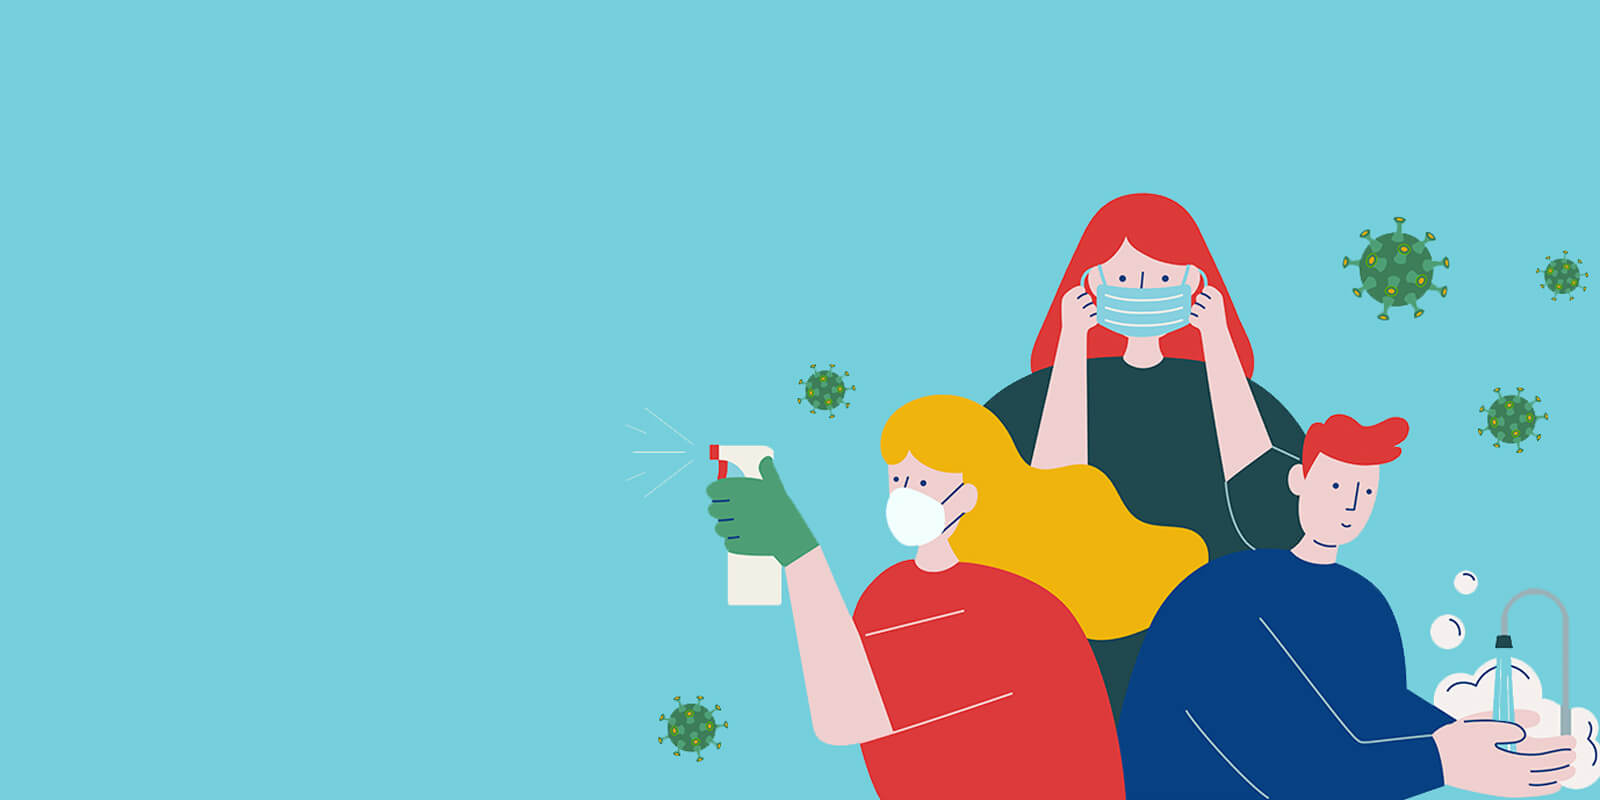 Những điều trẻ em và trẻ vị thành niên cần biết để bảo vệ bản thân khi ở trong cơ sở cách ly